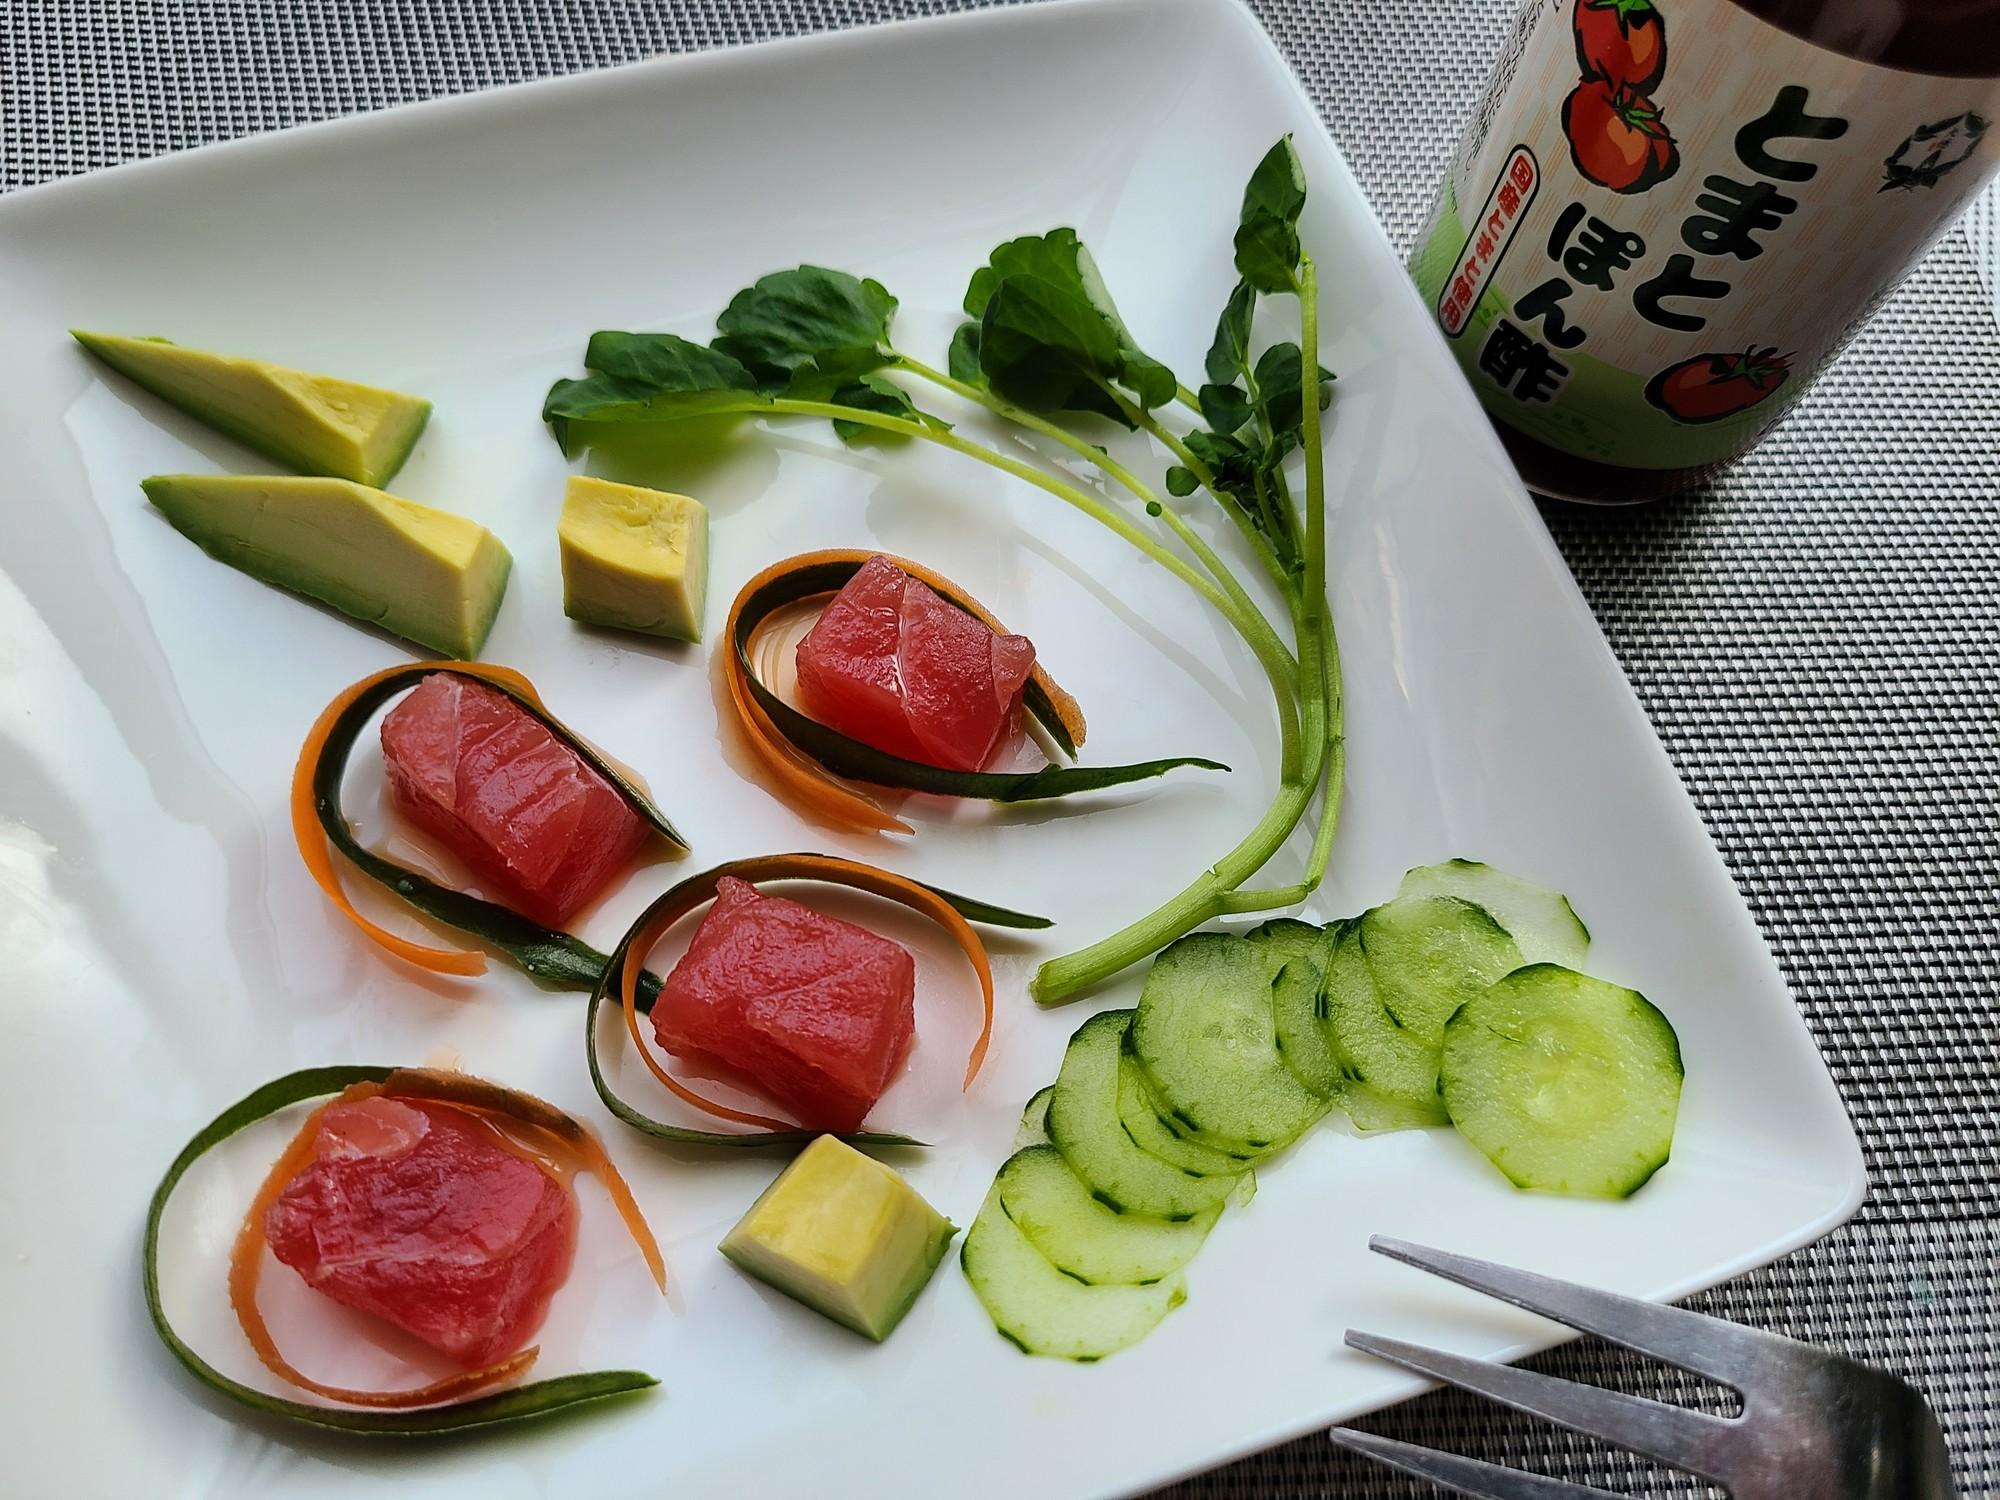 認知症予防レシピ◎大徳とまとぽん酢で!まぐろと彩り野菜のカルパッチョ